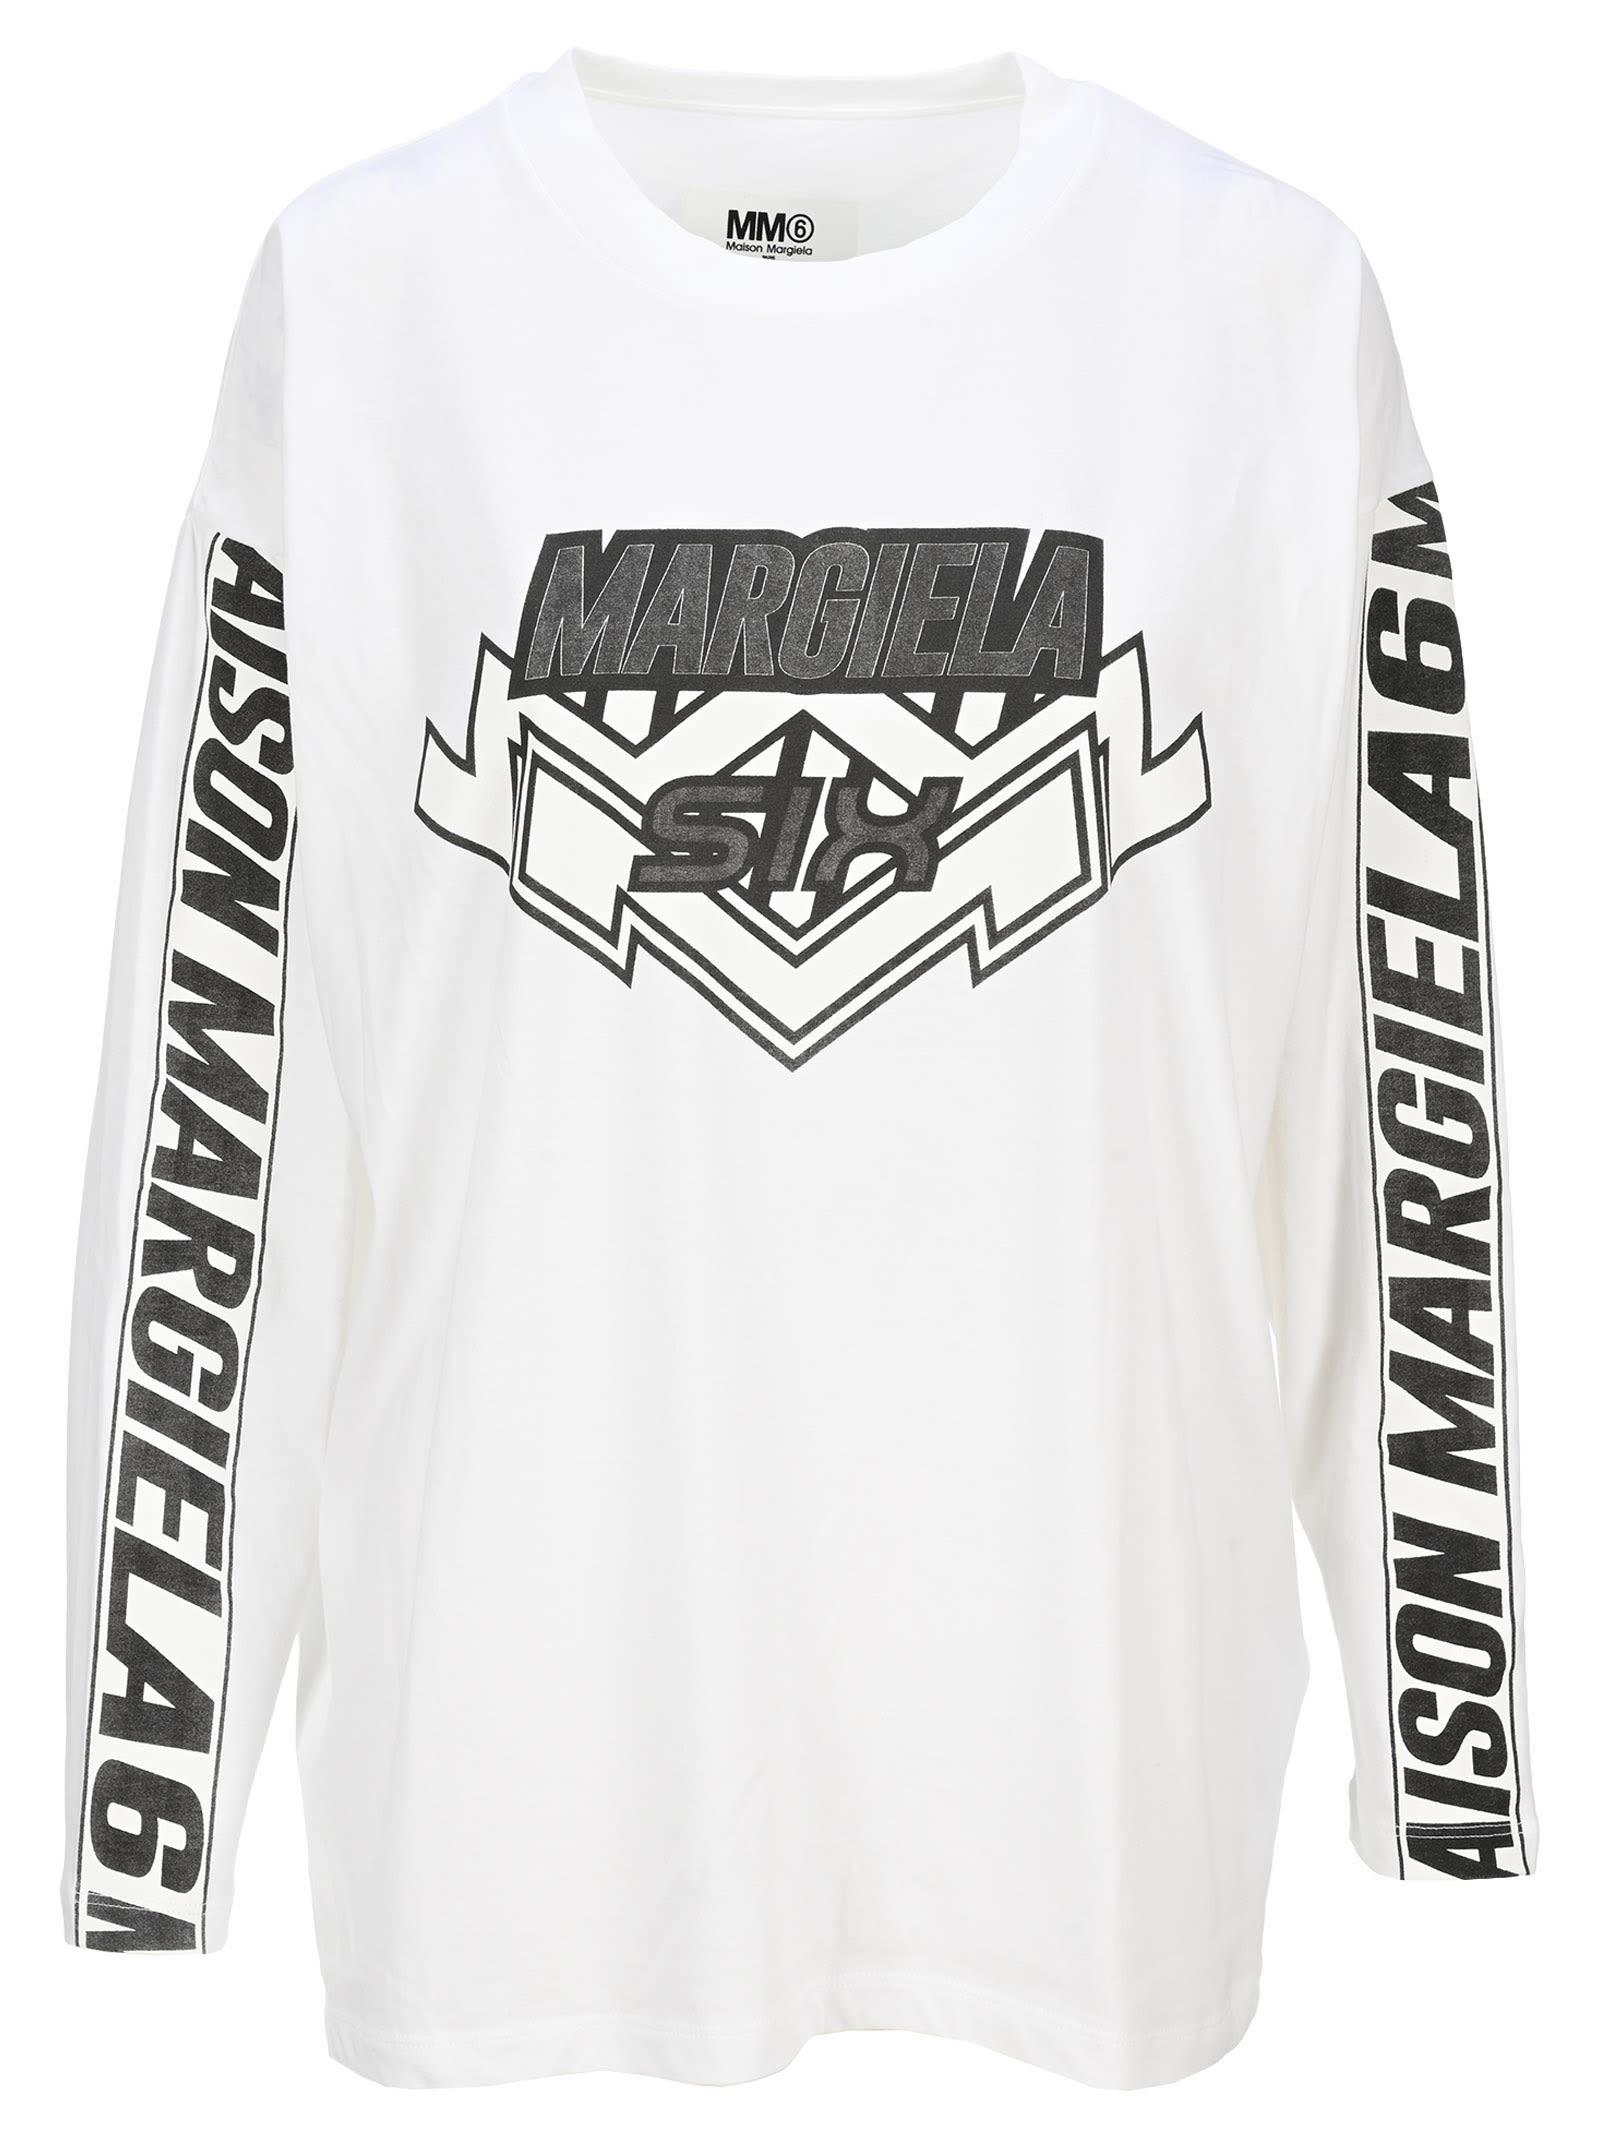 MM6 Maison Margiela Mm6 Oversized T-shirt